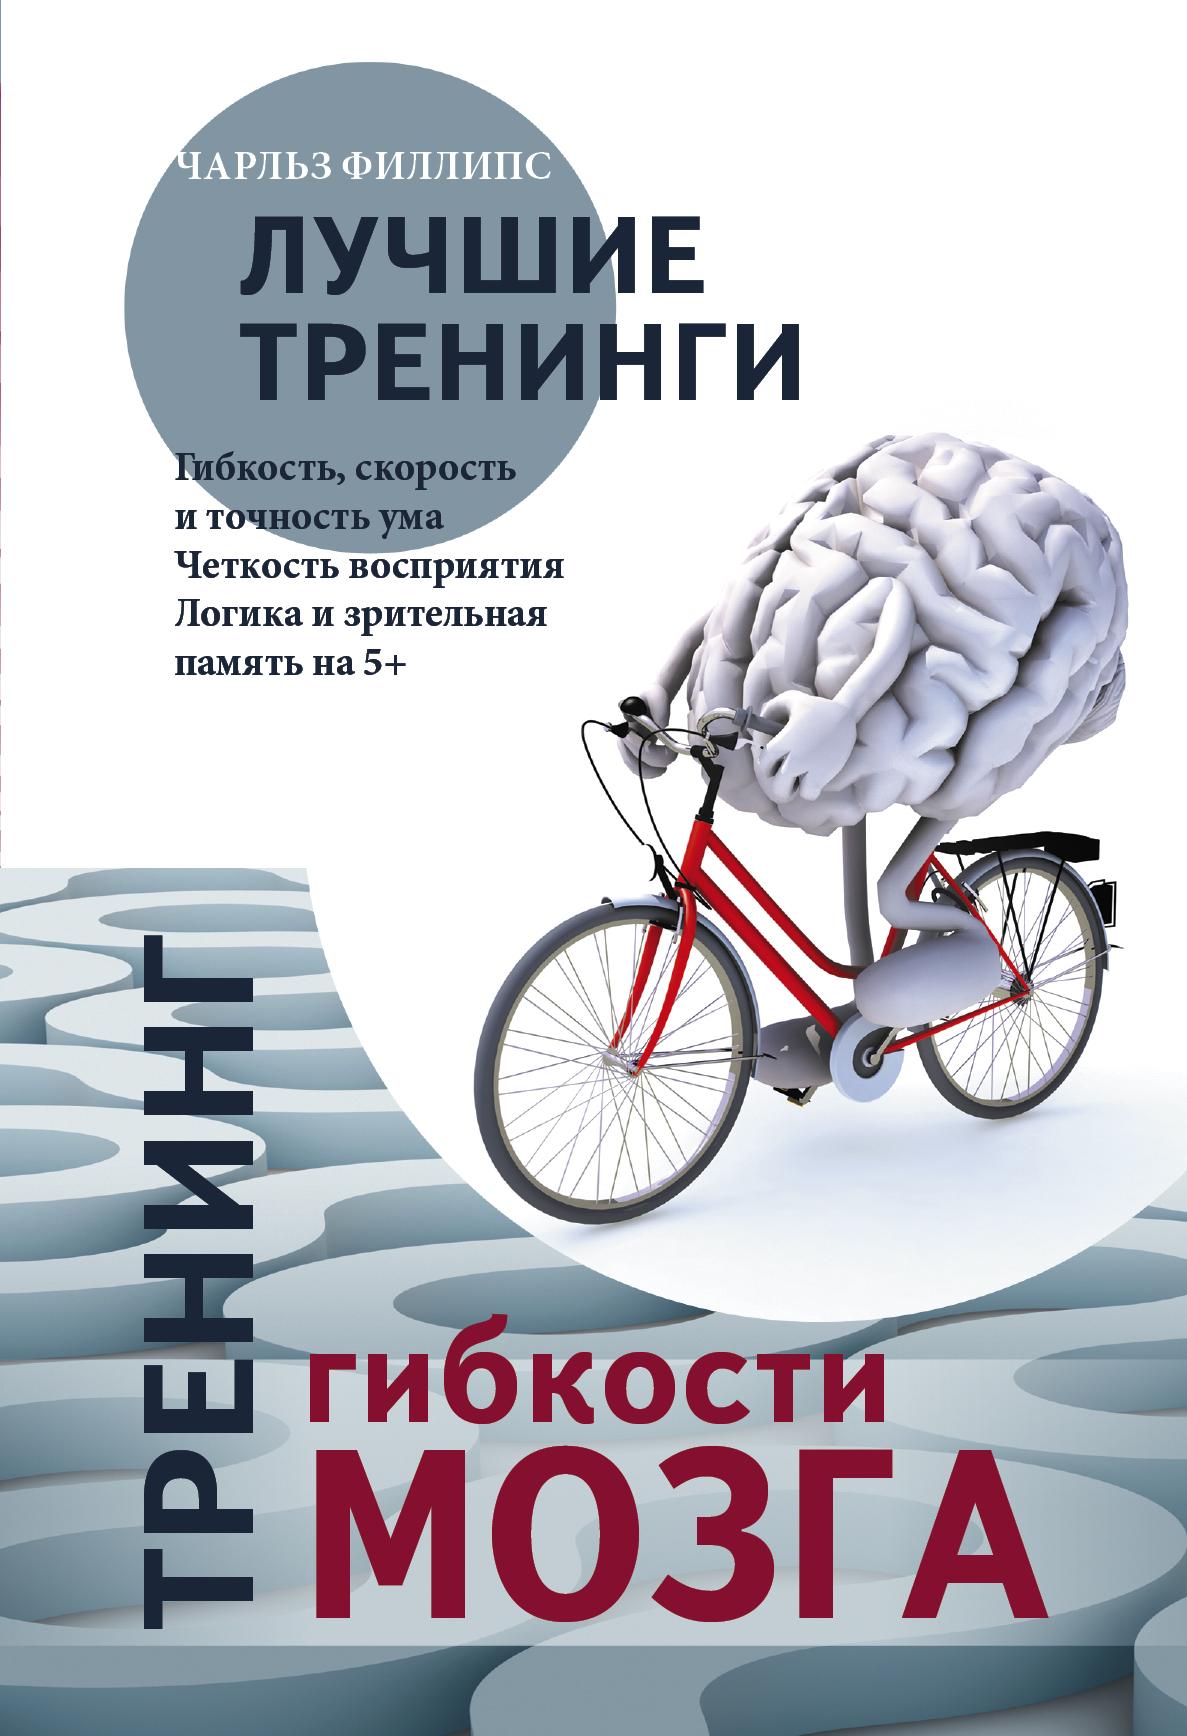 Тренинг силы мозга. Тренинг гибкости мозга, Чарльз Филлипс, 978-5-17-080884-7  - купить со скидкой